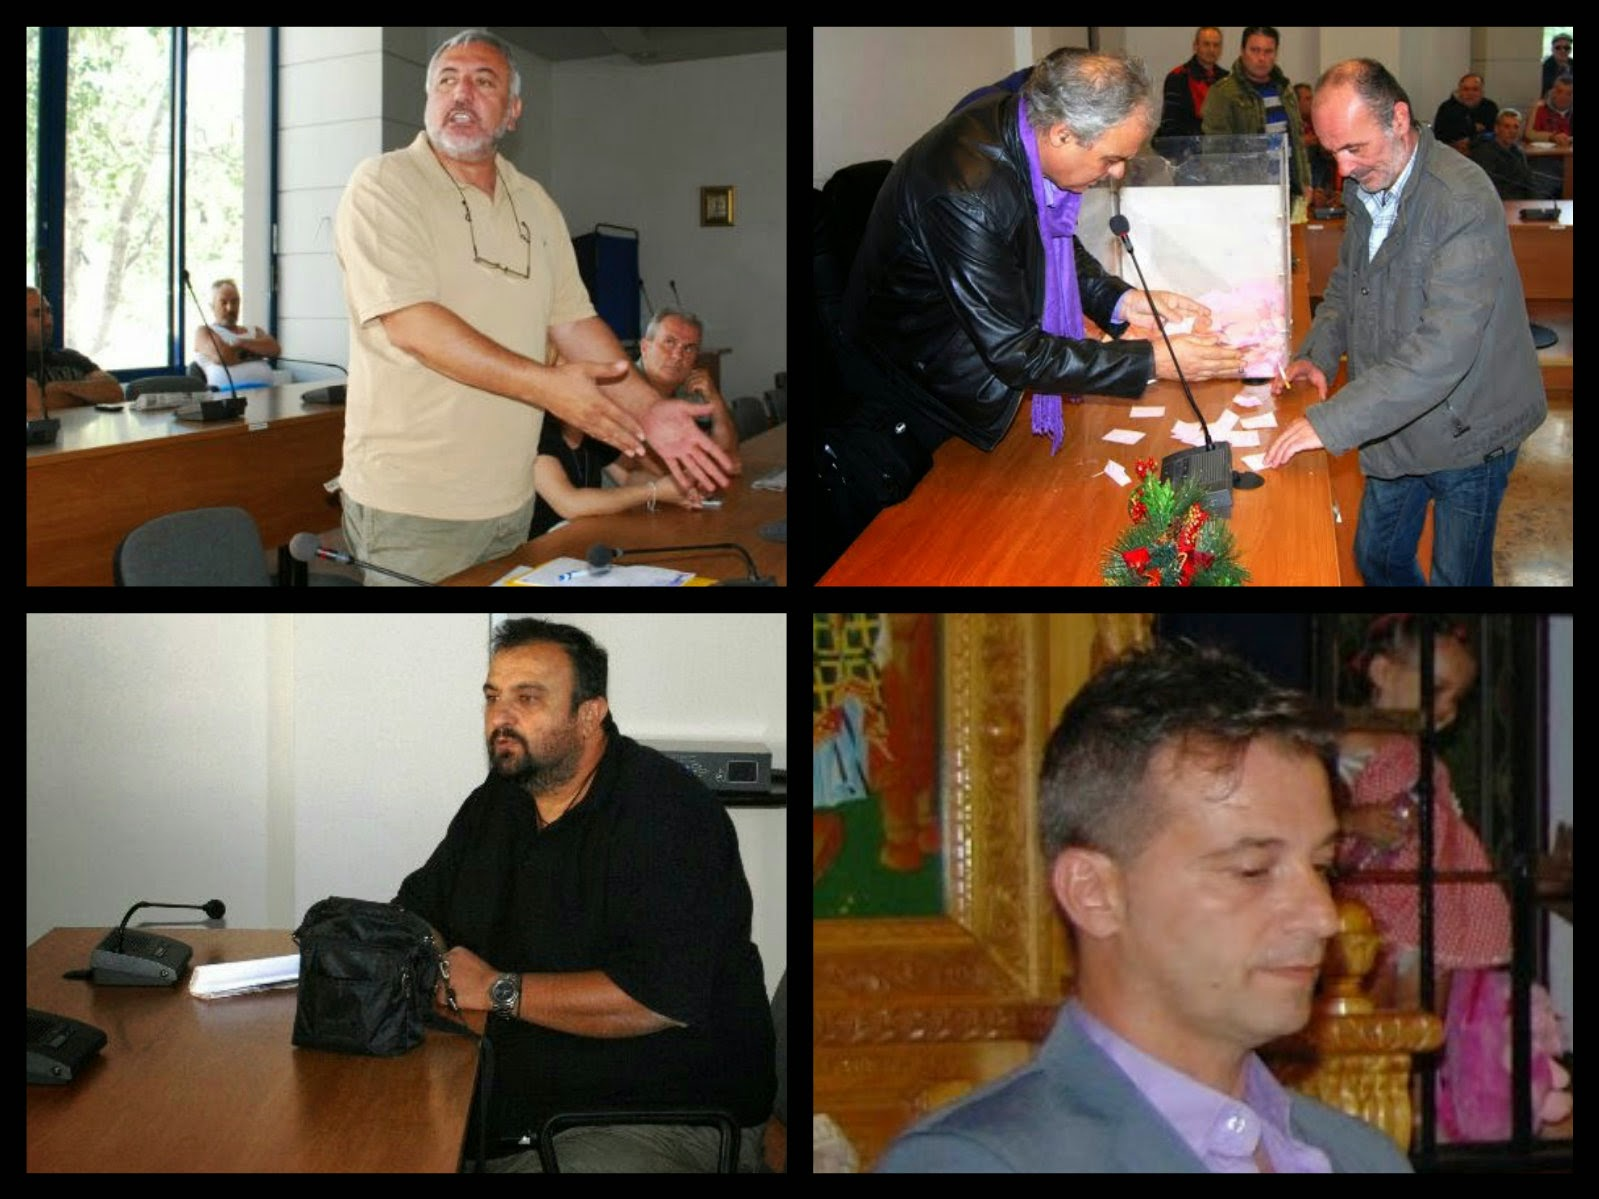 Mεγάλη νίκη του ΚΚΕ (ΠΑΜΕ) στις εκλογές του Σωματείου Εργαζομένων του Δήμου Φυλής